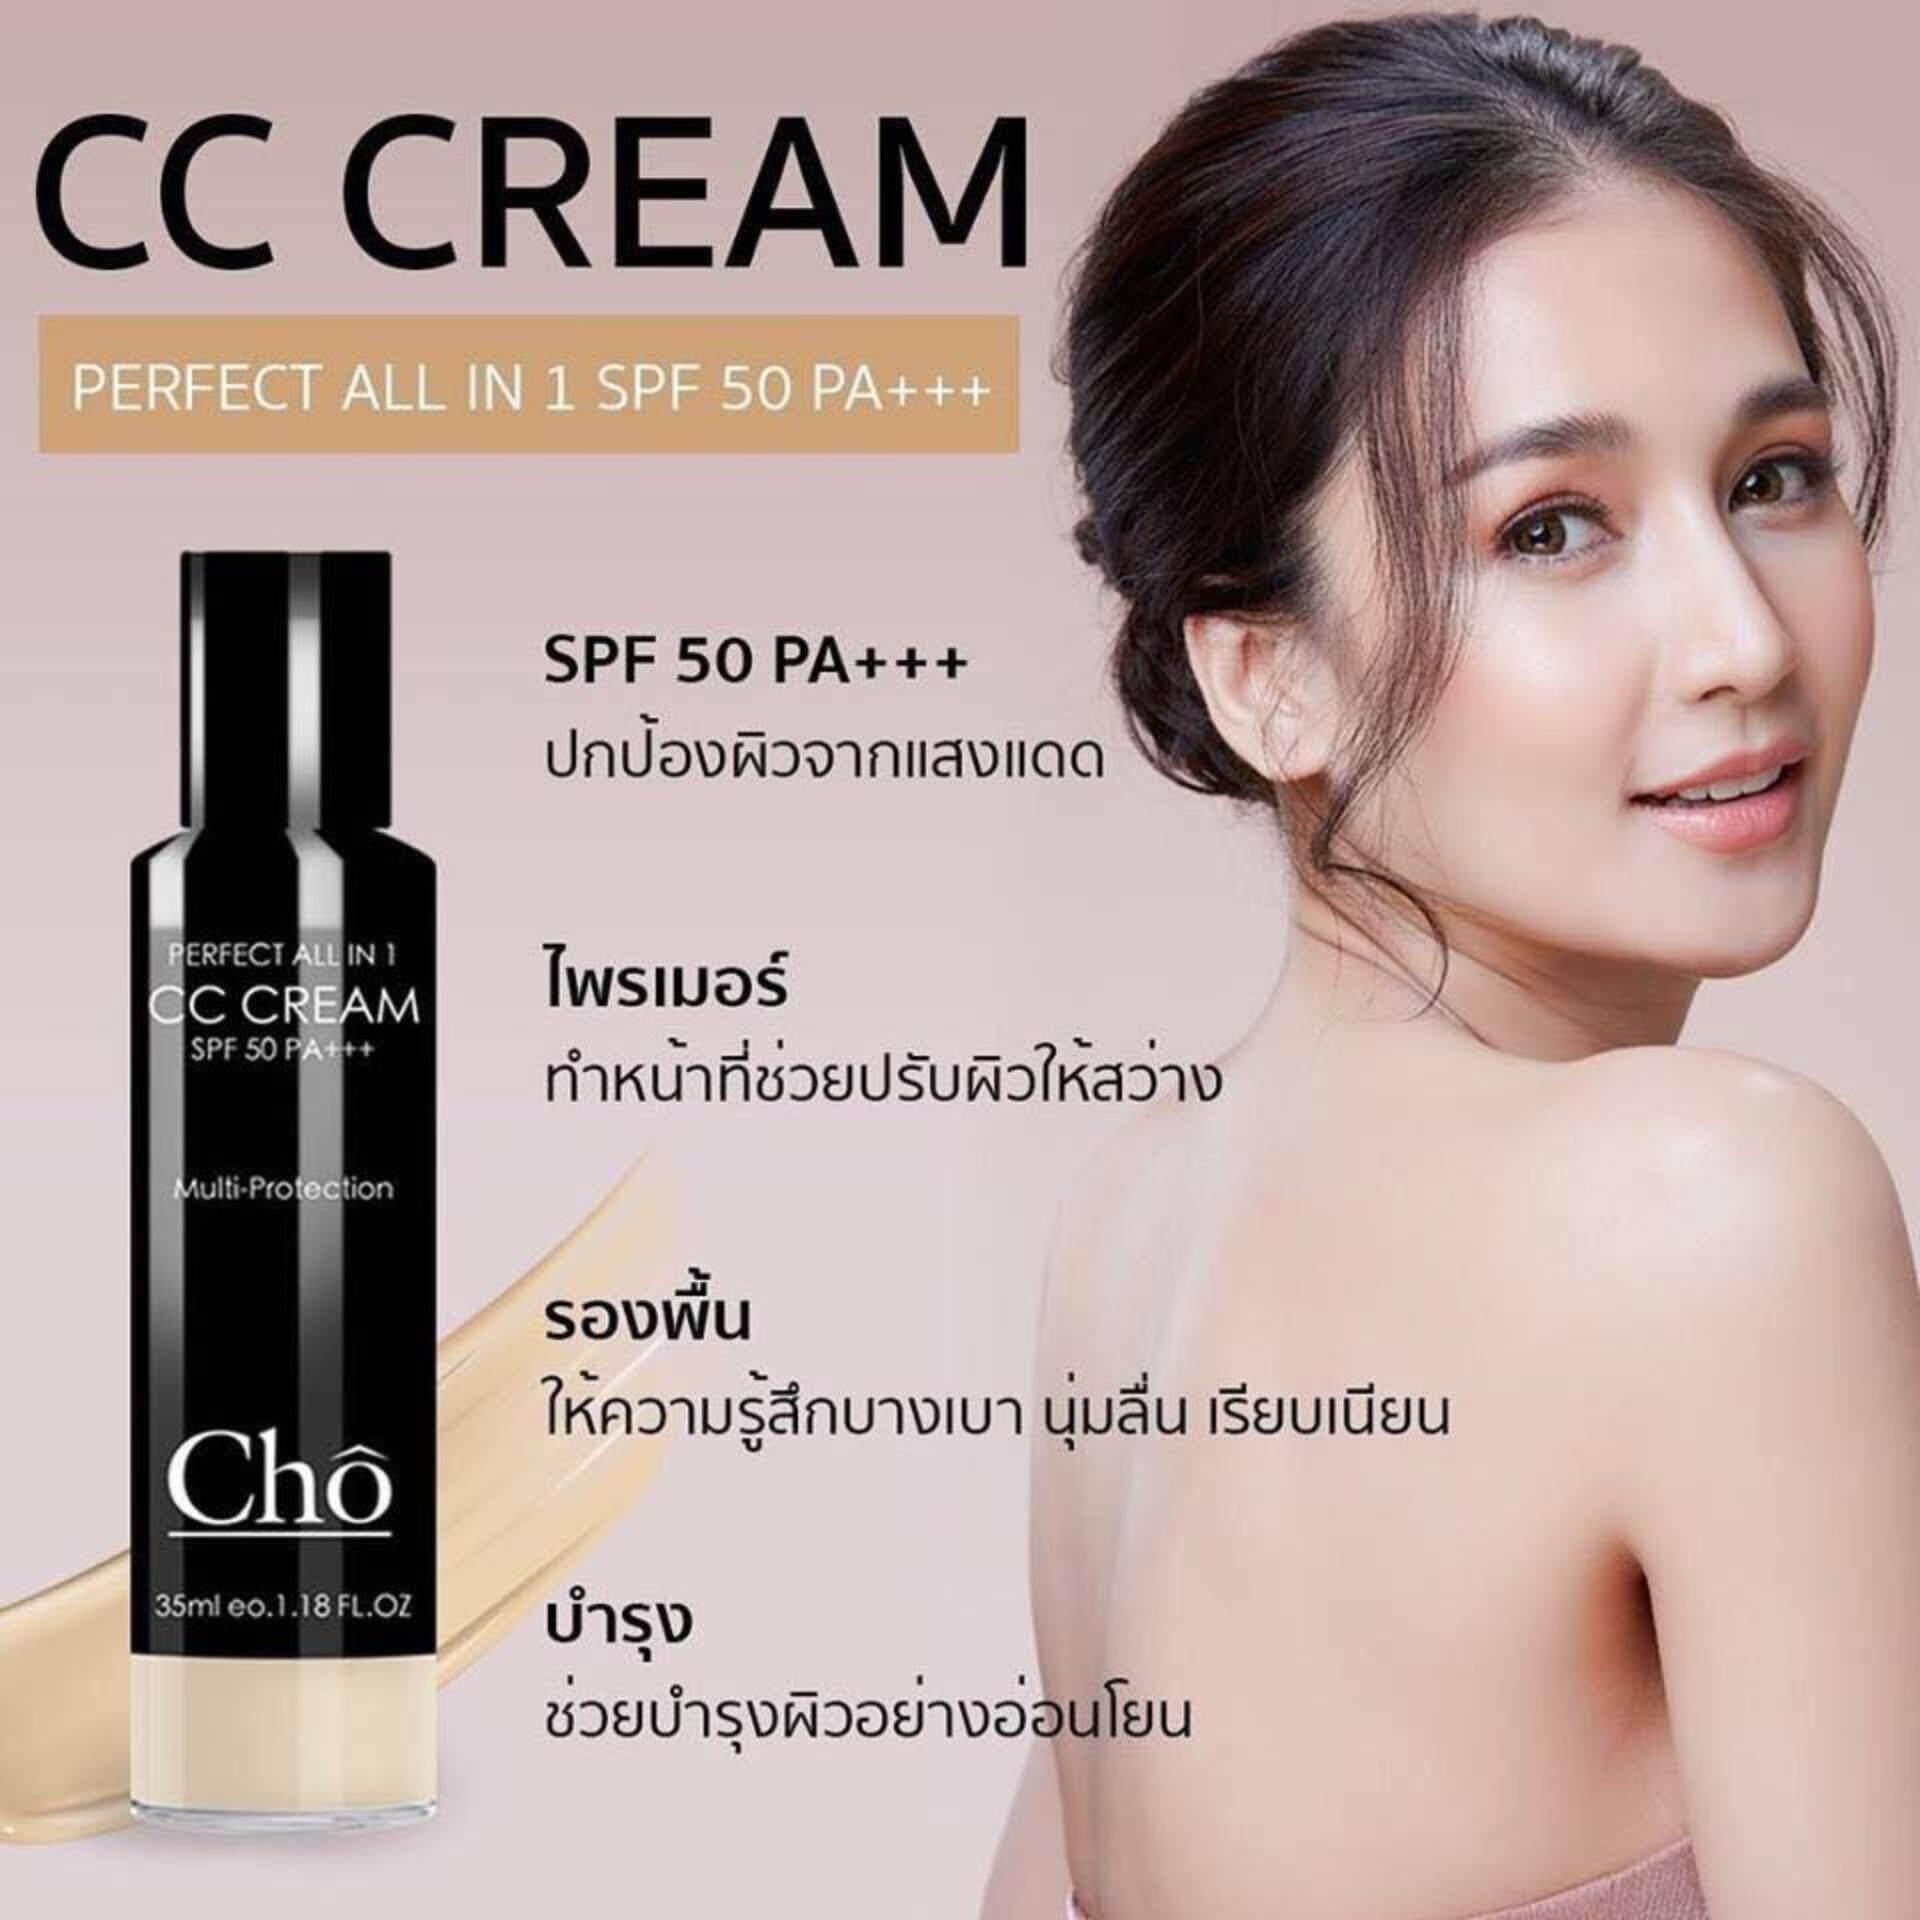 Cho Perfect All In 1 Cc Cream  Spf50 Pa++ซีซีครีมเนย โชติกา บำรุงและปกป้องผิวในขวดเดียวรองพื้น+ไพรเมอร์+บำรุง เบอร์ Cc02 ขาวเหลือง จำนวน 1 ขวด.